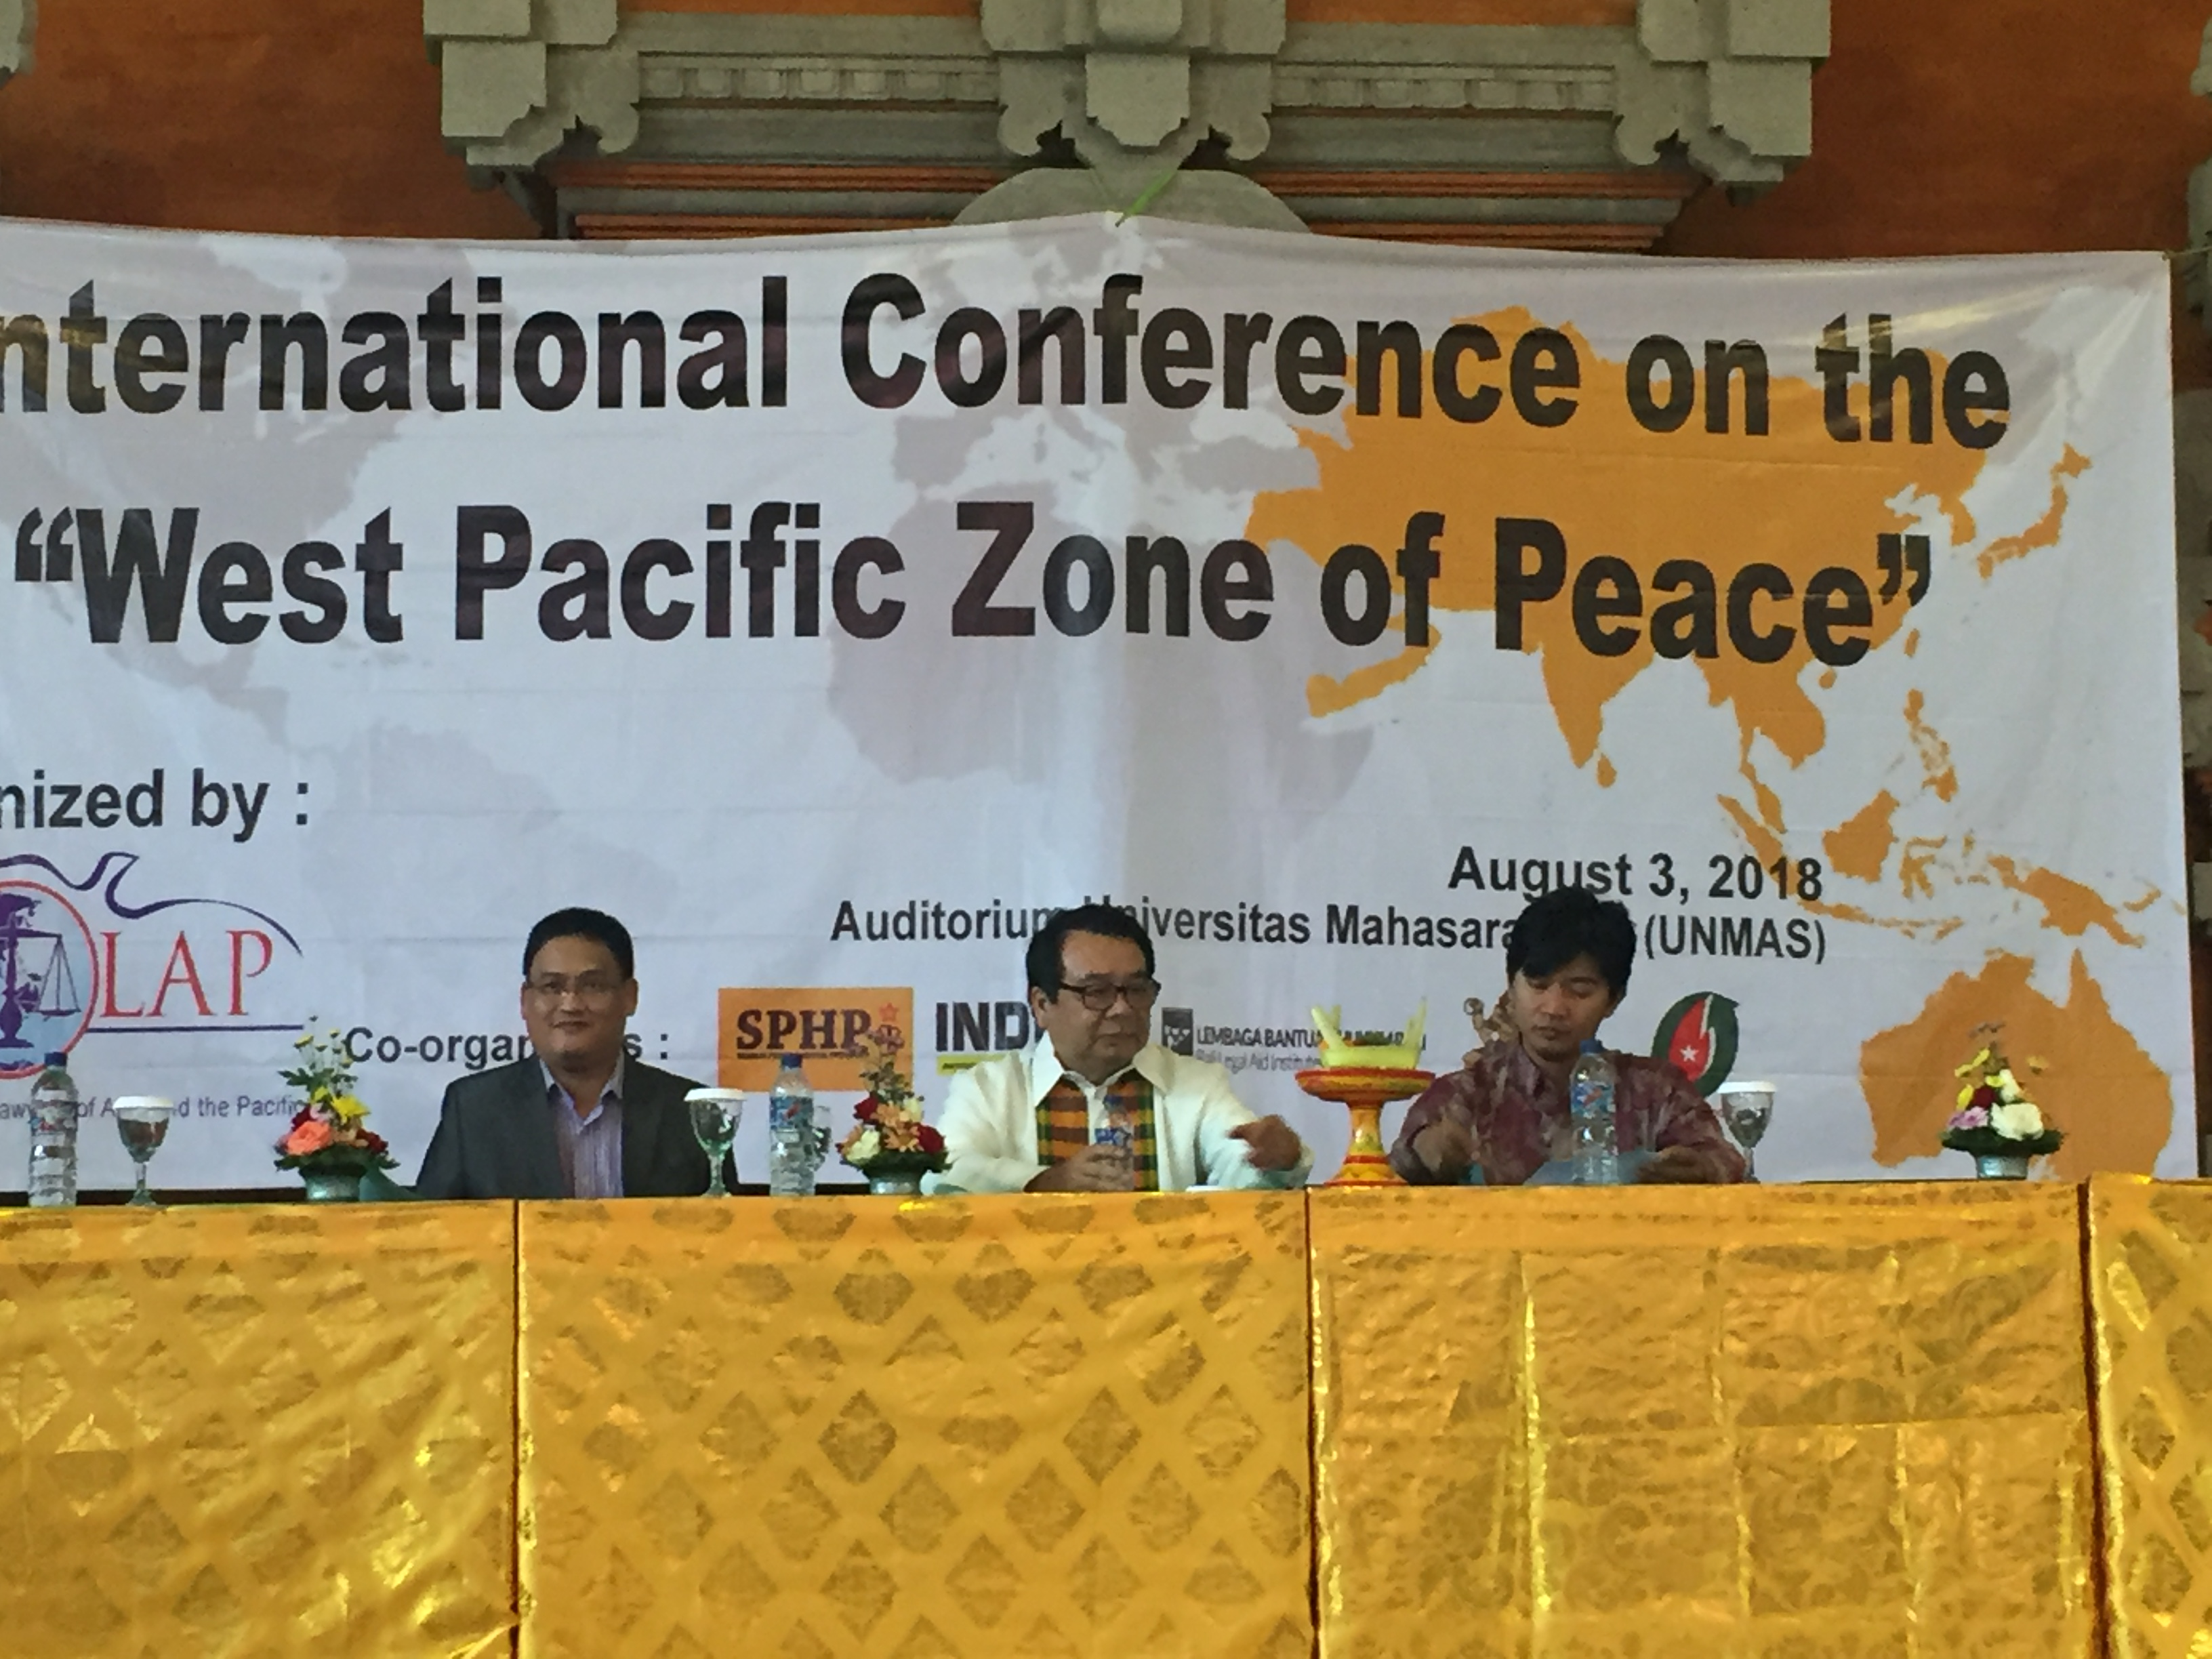 Hiệp hội Luật gia Châu Á - Thái Bình Dương kêu gọi giải pháp hoà bình cho vấn đề Biển Đông